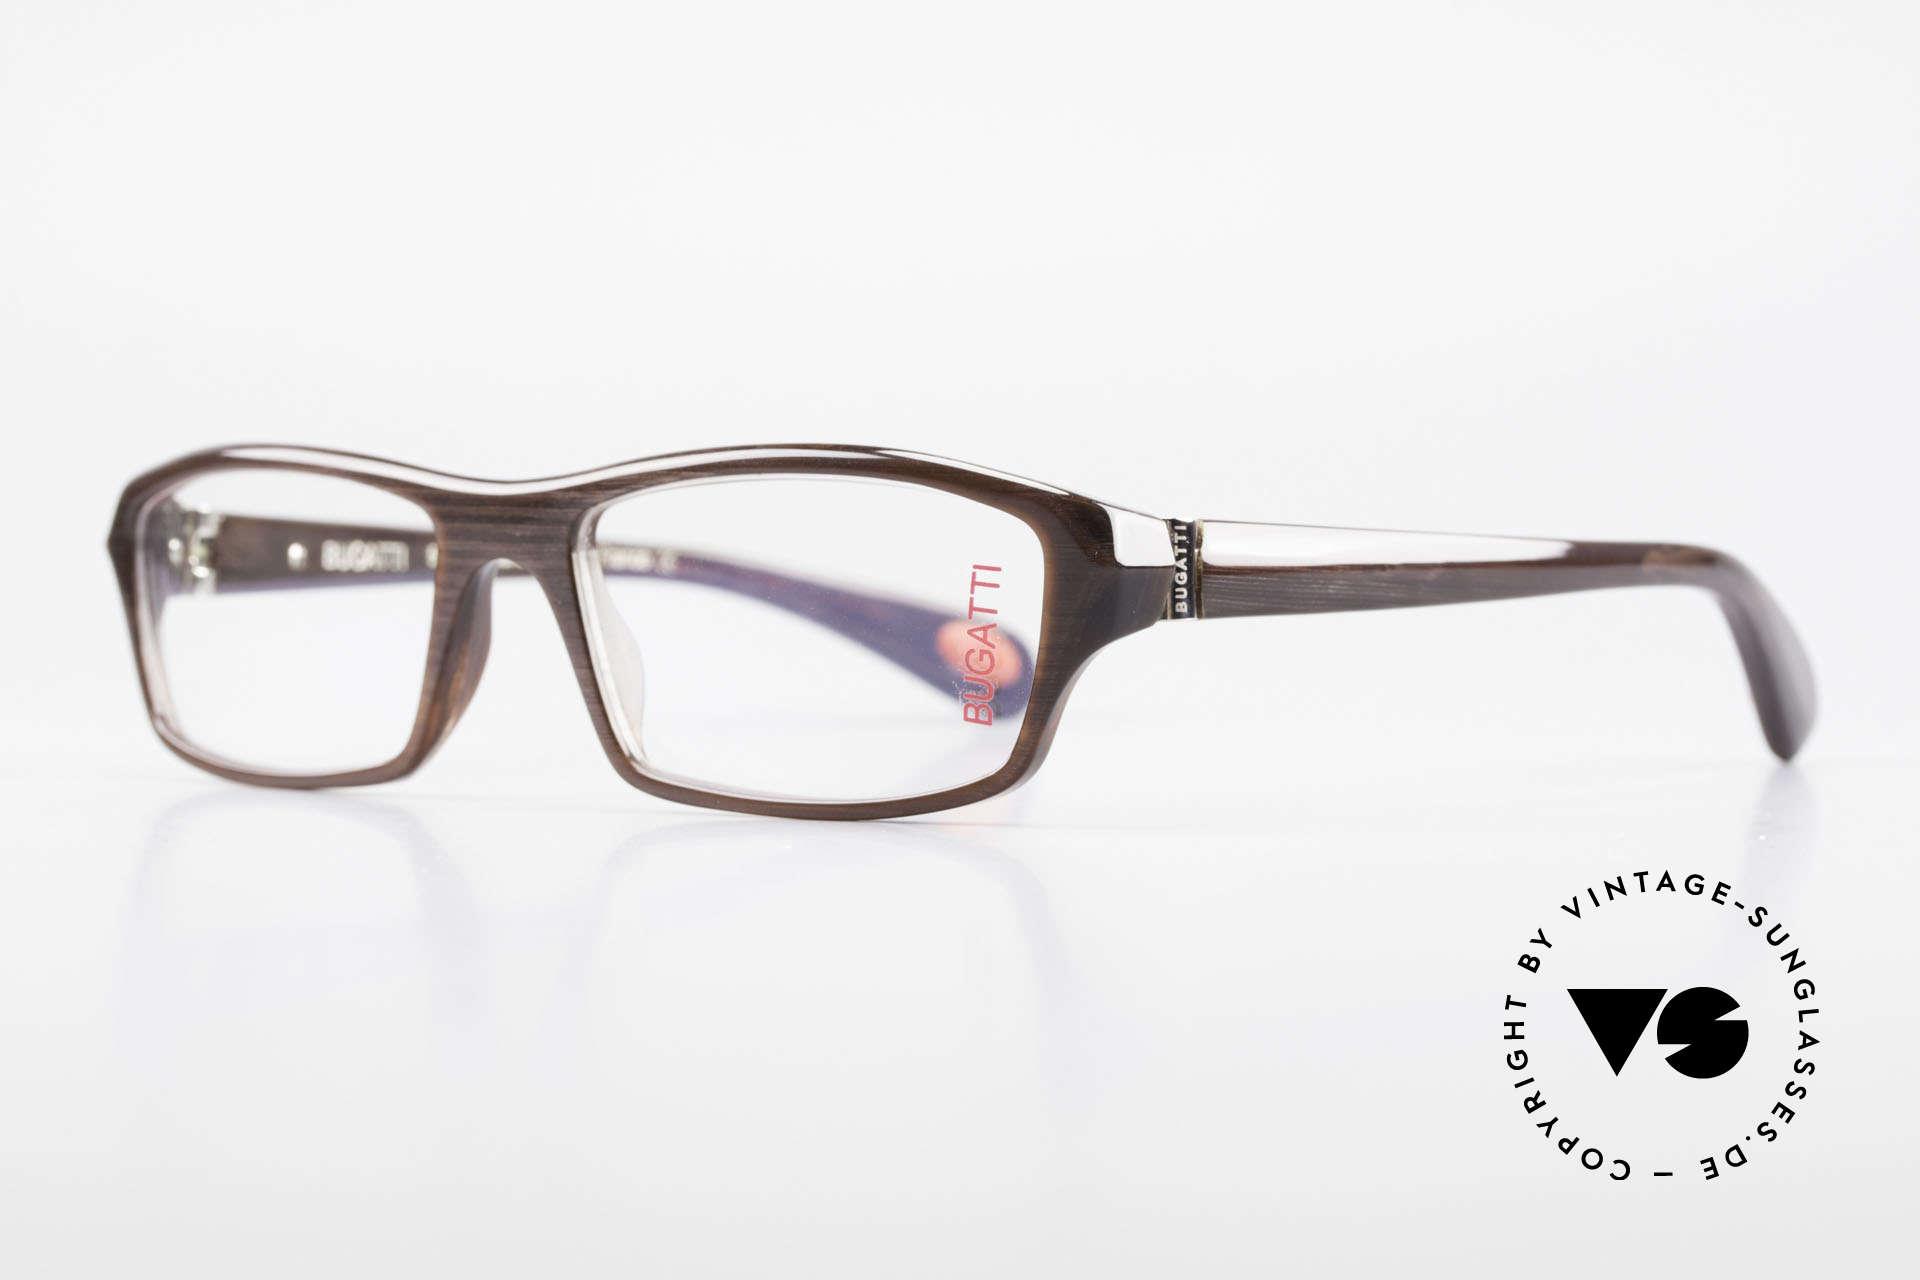 Bugatti 471 Elegante Designerbrille Herren, optimaler Tragekomfort dank Feder-Scharnieren, Passend für Herren